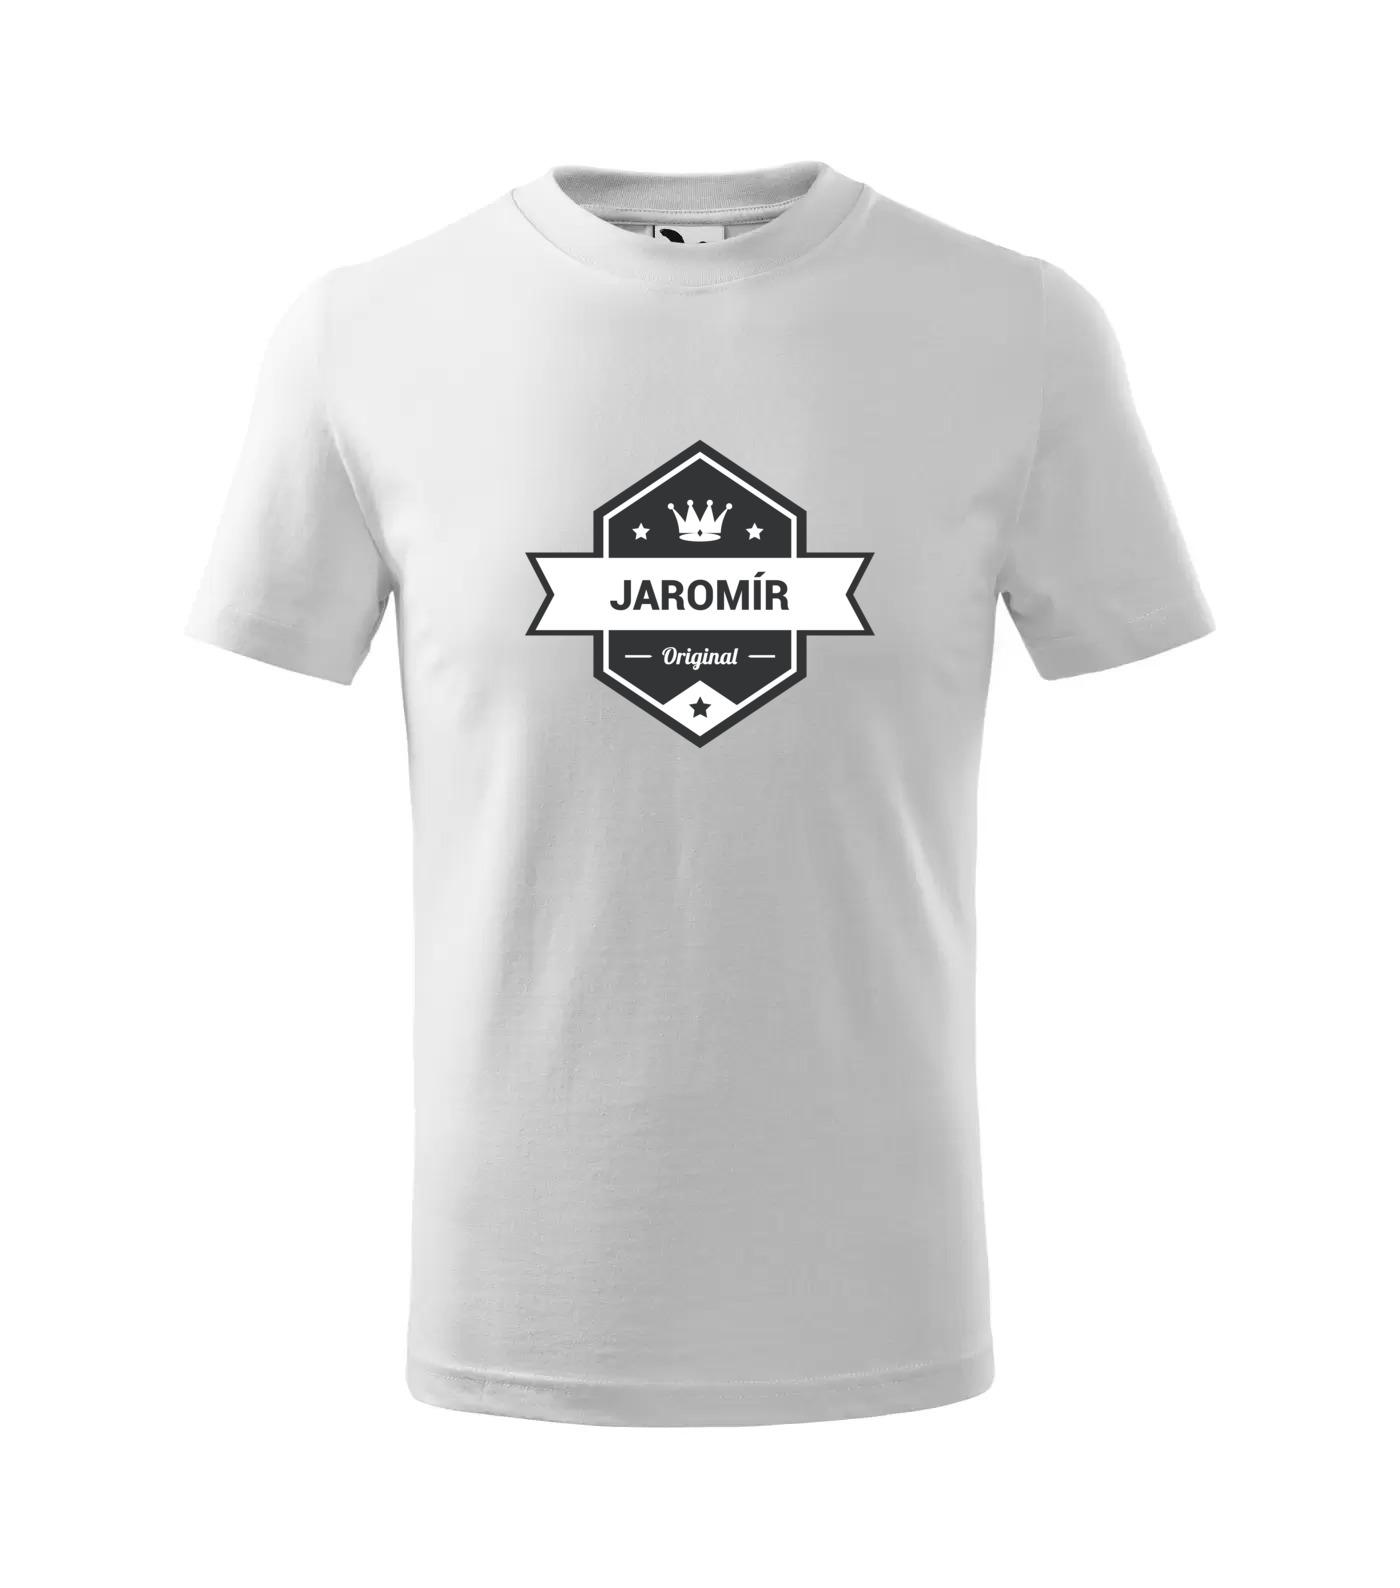 Tričko King Jaromír